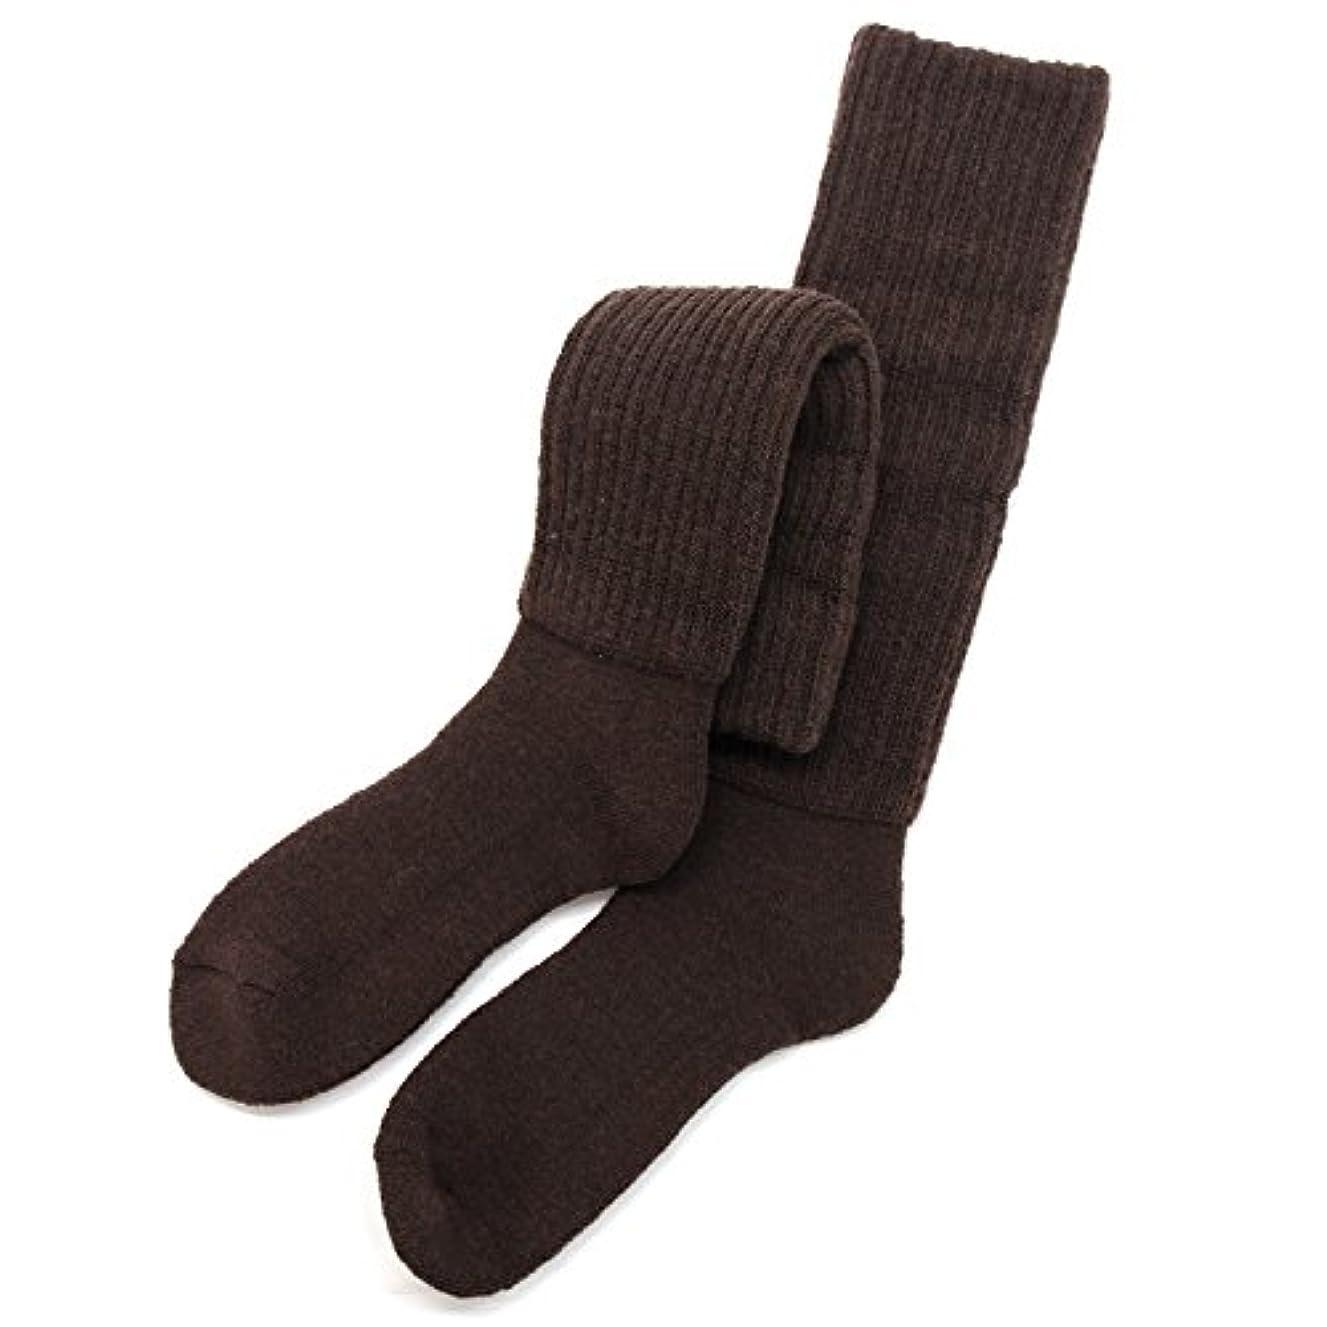 シュリンクそっと慰めhiorie(ヒオリエ) 日本製 冷えとり靴下 あったか 2重編み靴下 ハイソックス